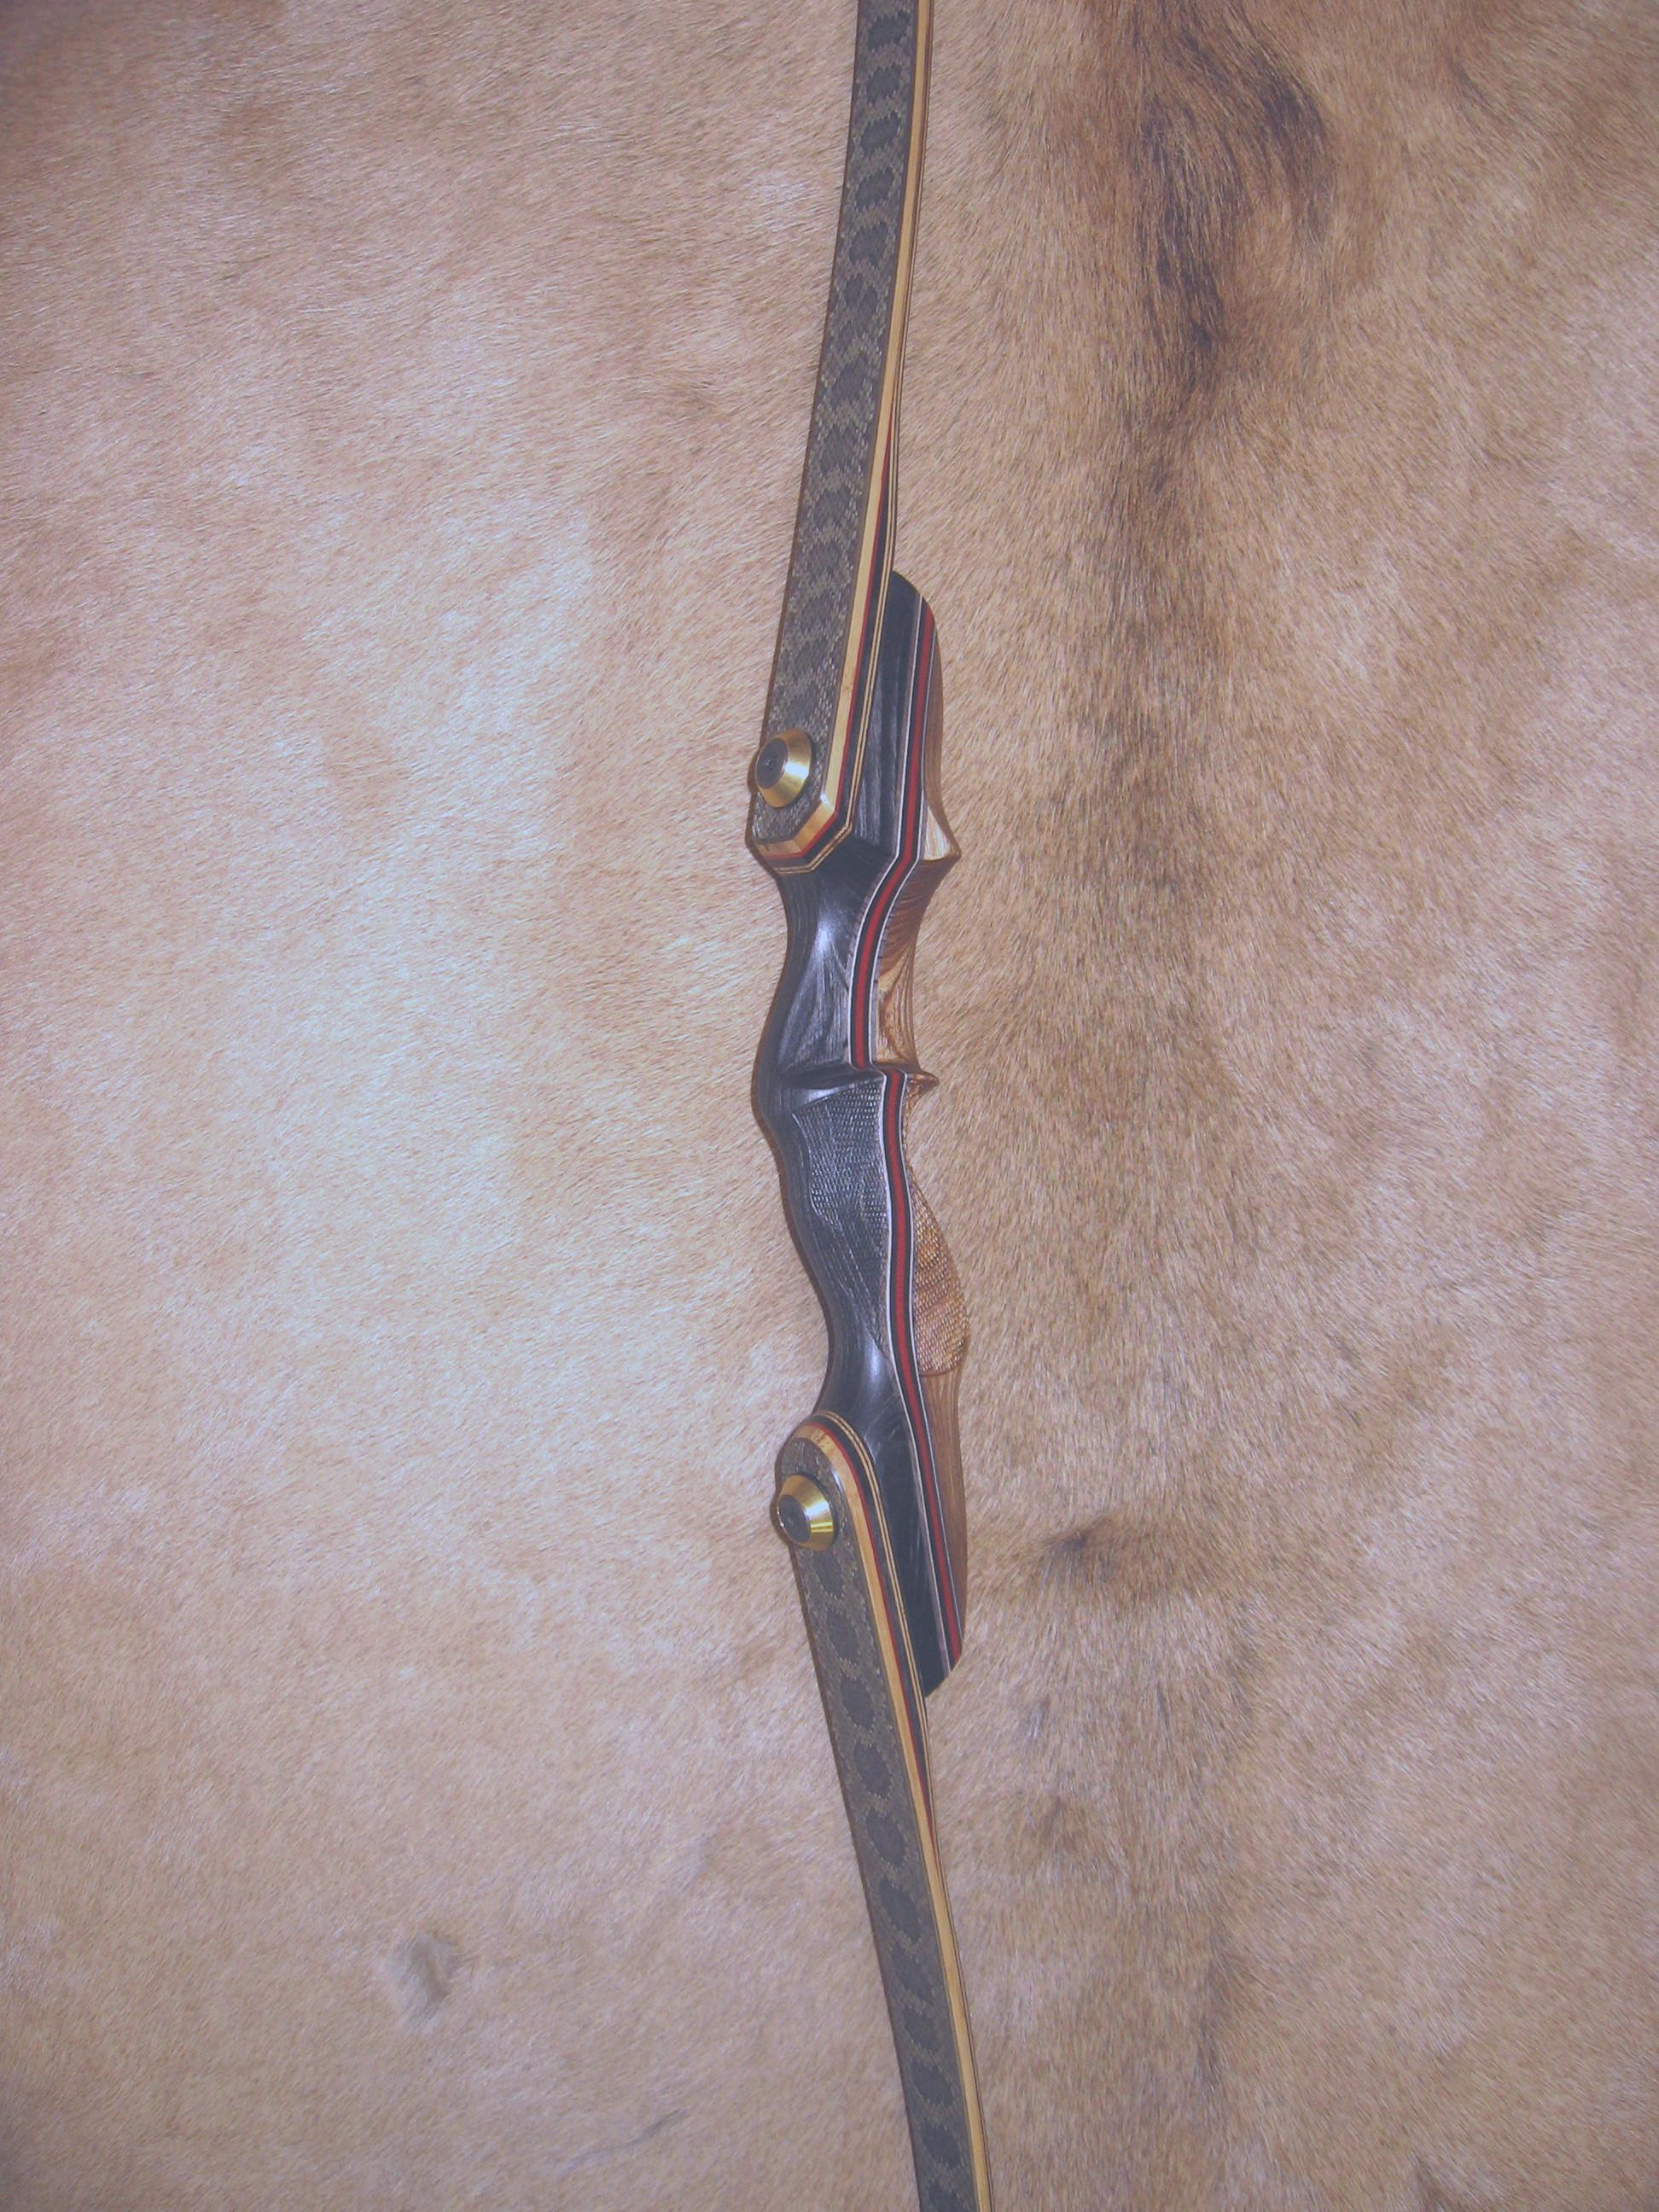 Charcoal Dym Back and Walnut Dym Belly/ Prairie Rattler Skins